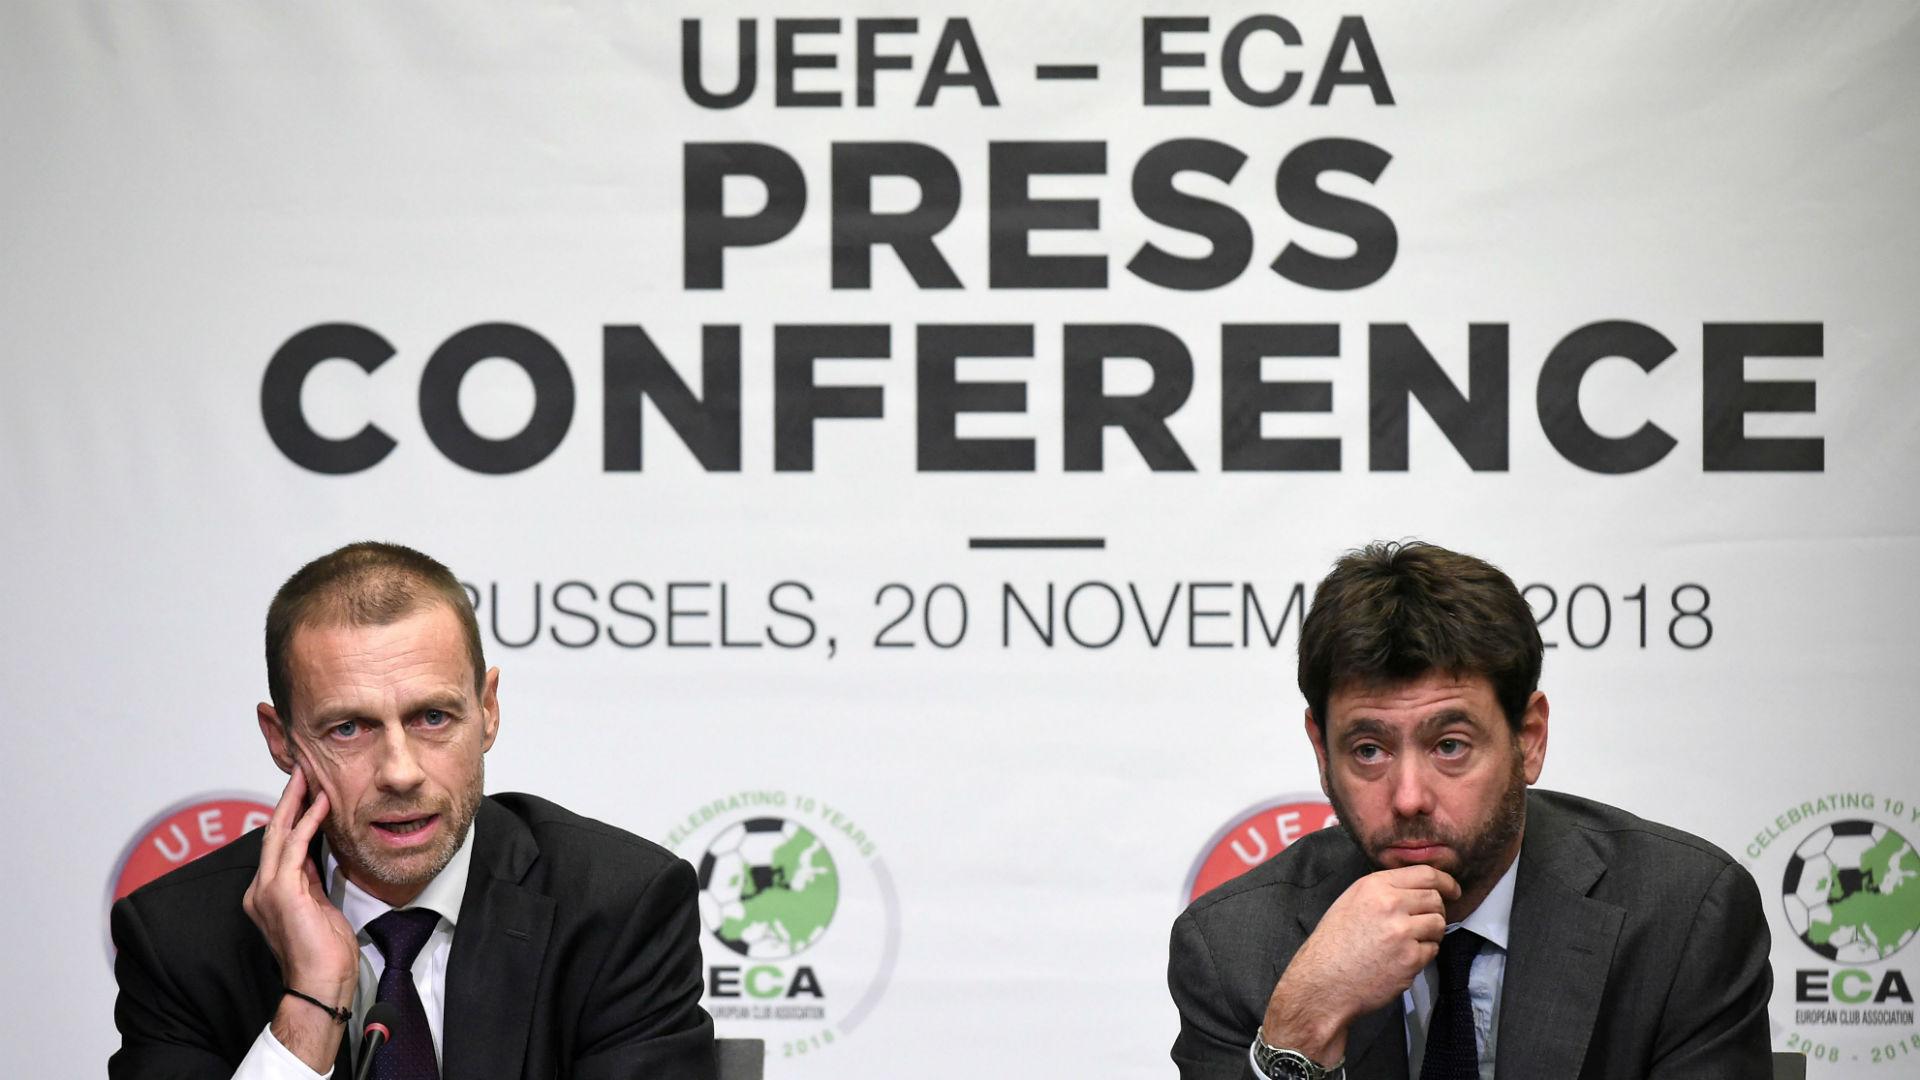 L'Uefa vuole tornare a giocare Lo scenario comprende luglio e agosto